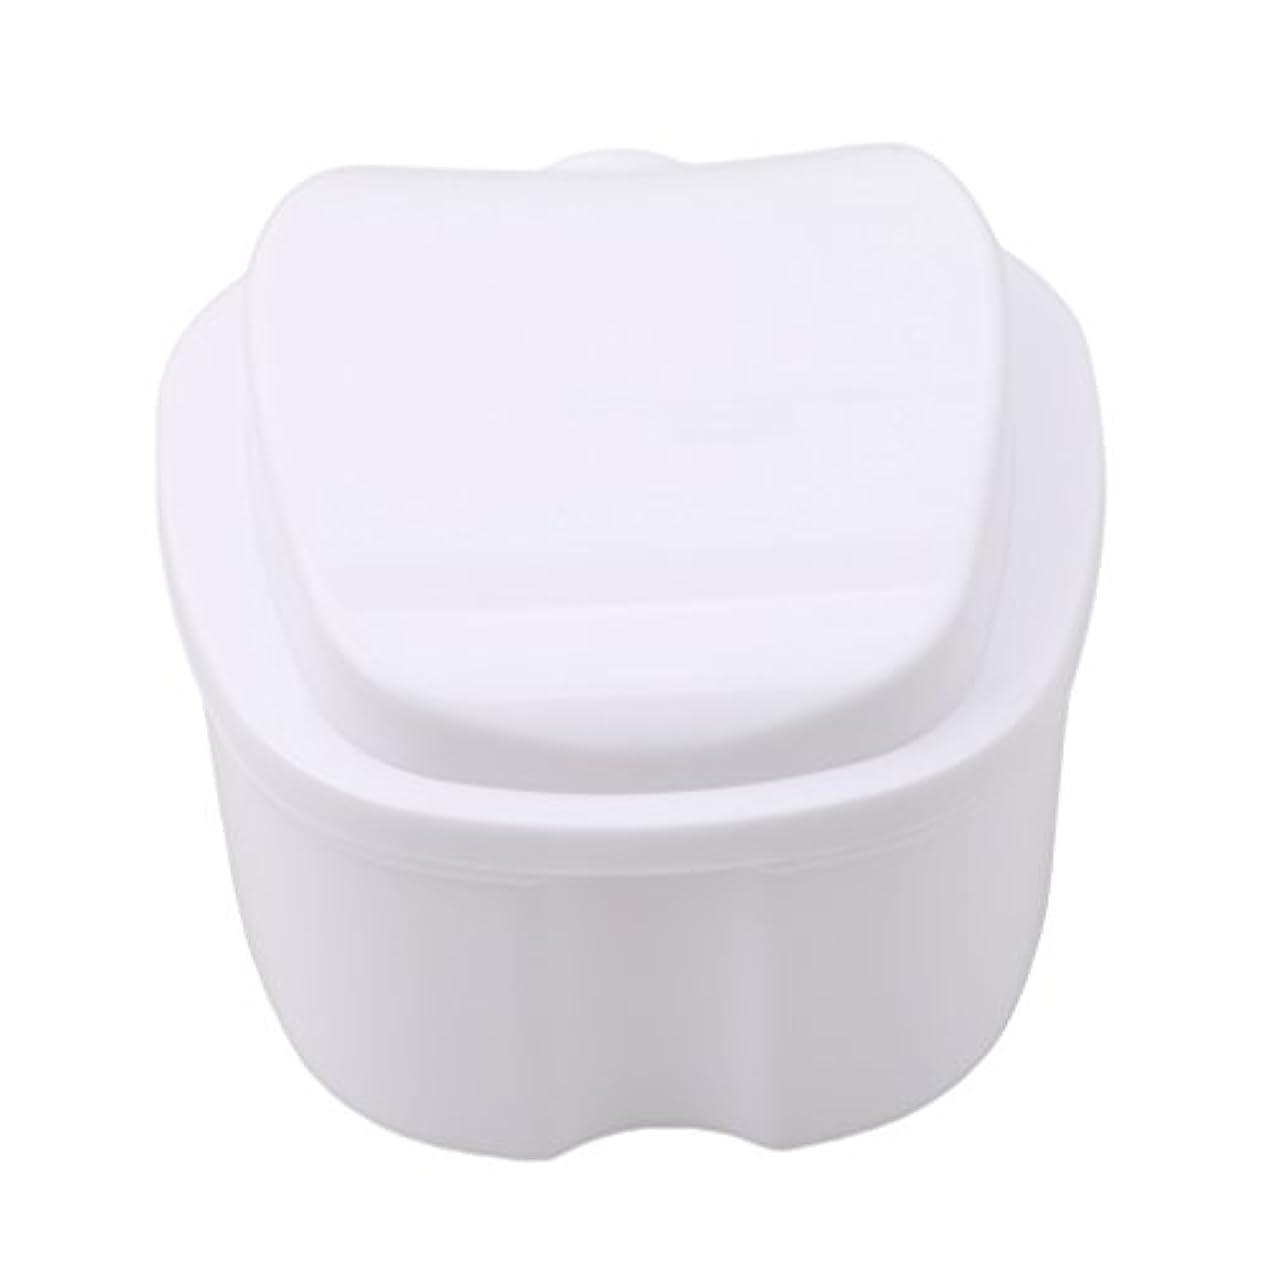 内陸証言する不格好Honel 収納ボックス 義歯収納用 リテーナーケース りんご柄 ホワイト